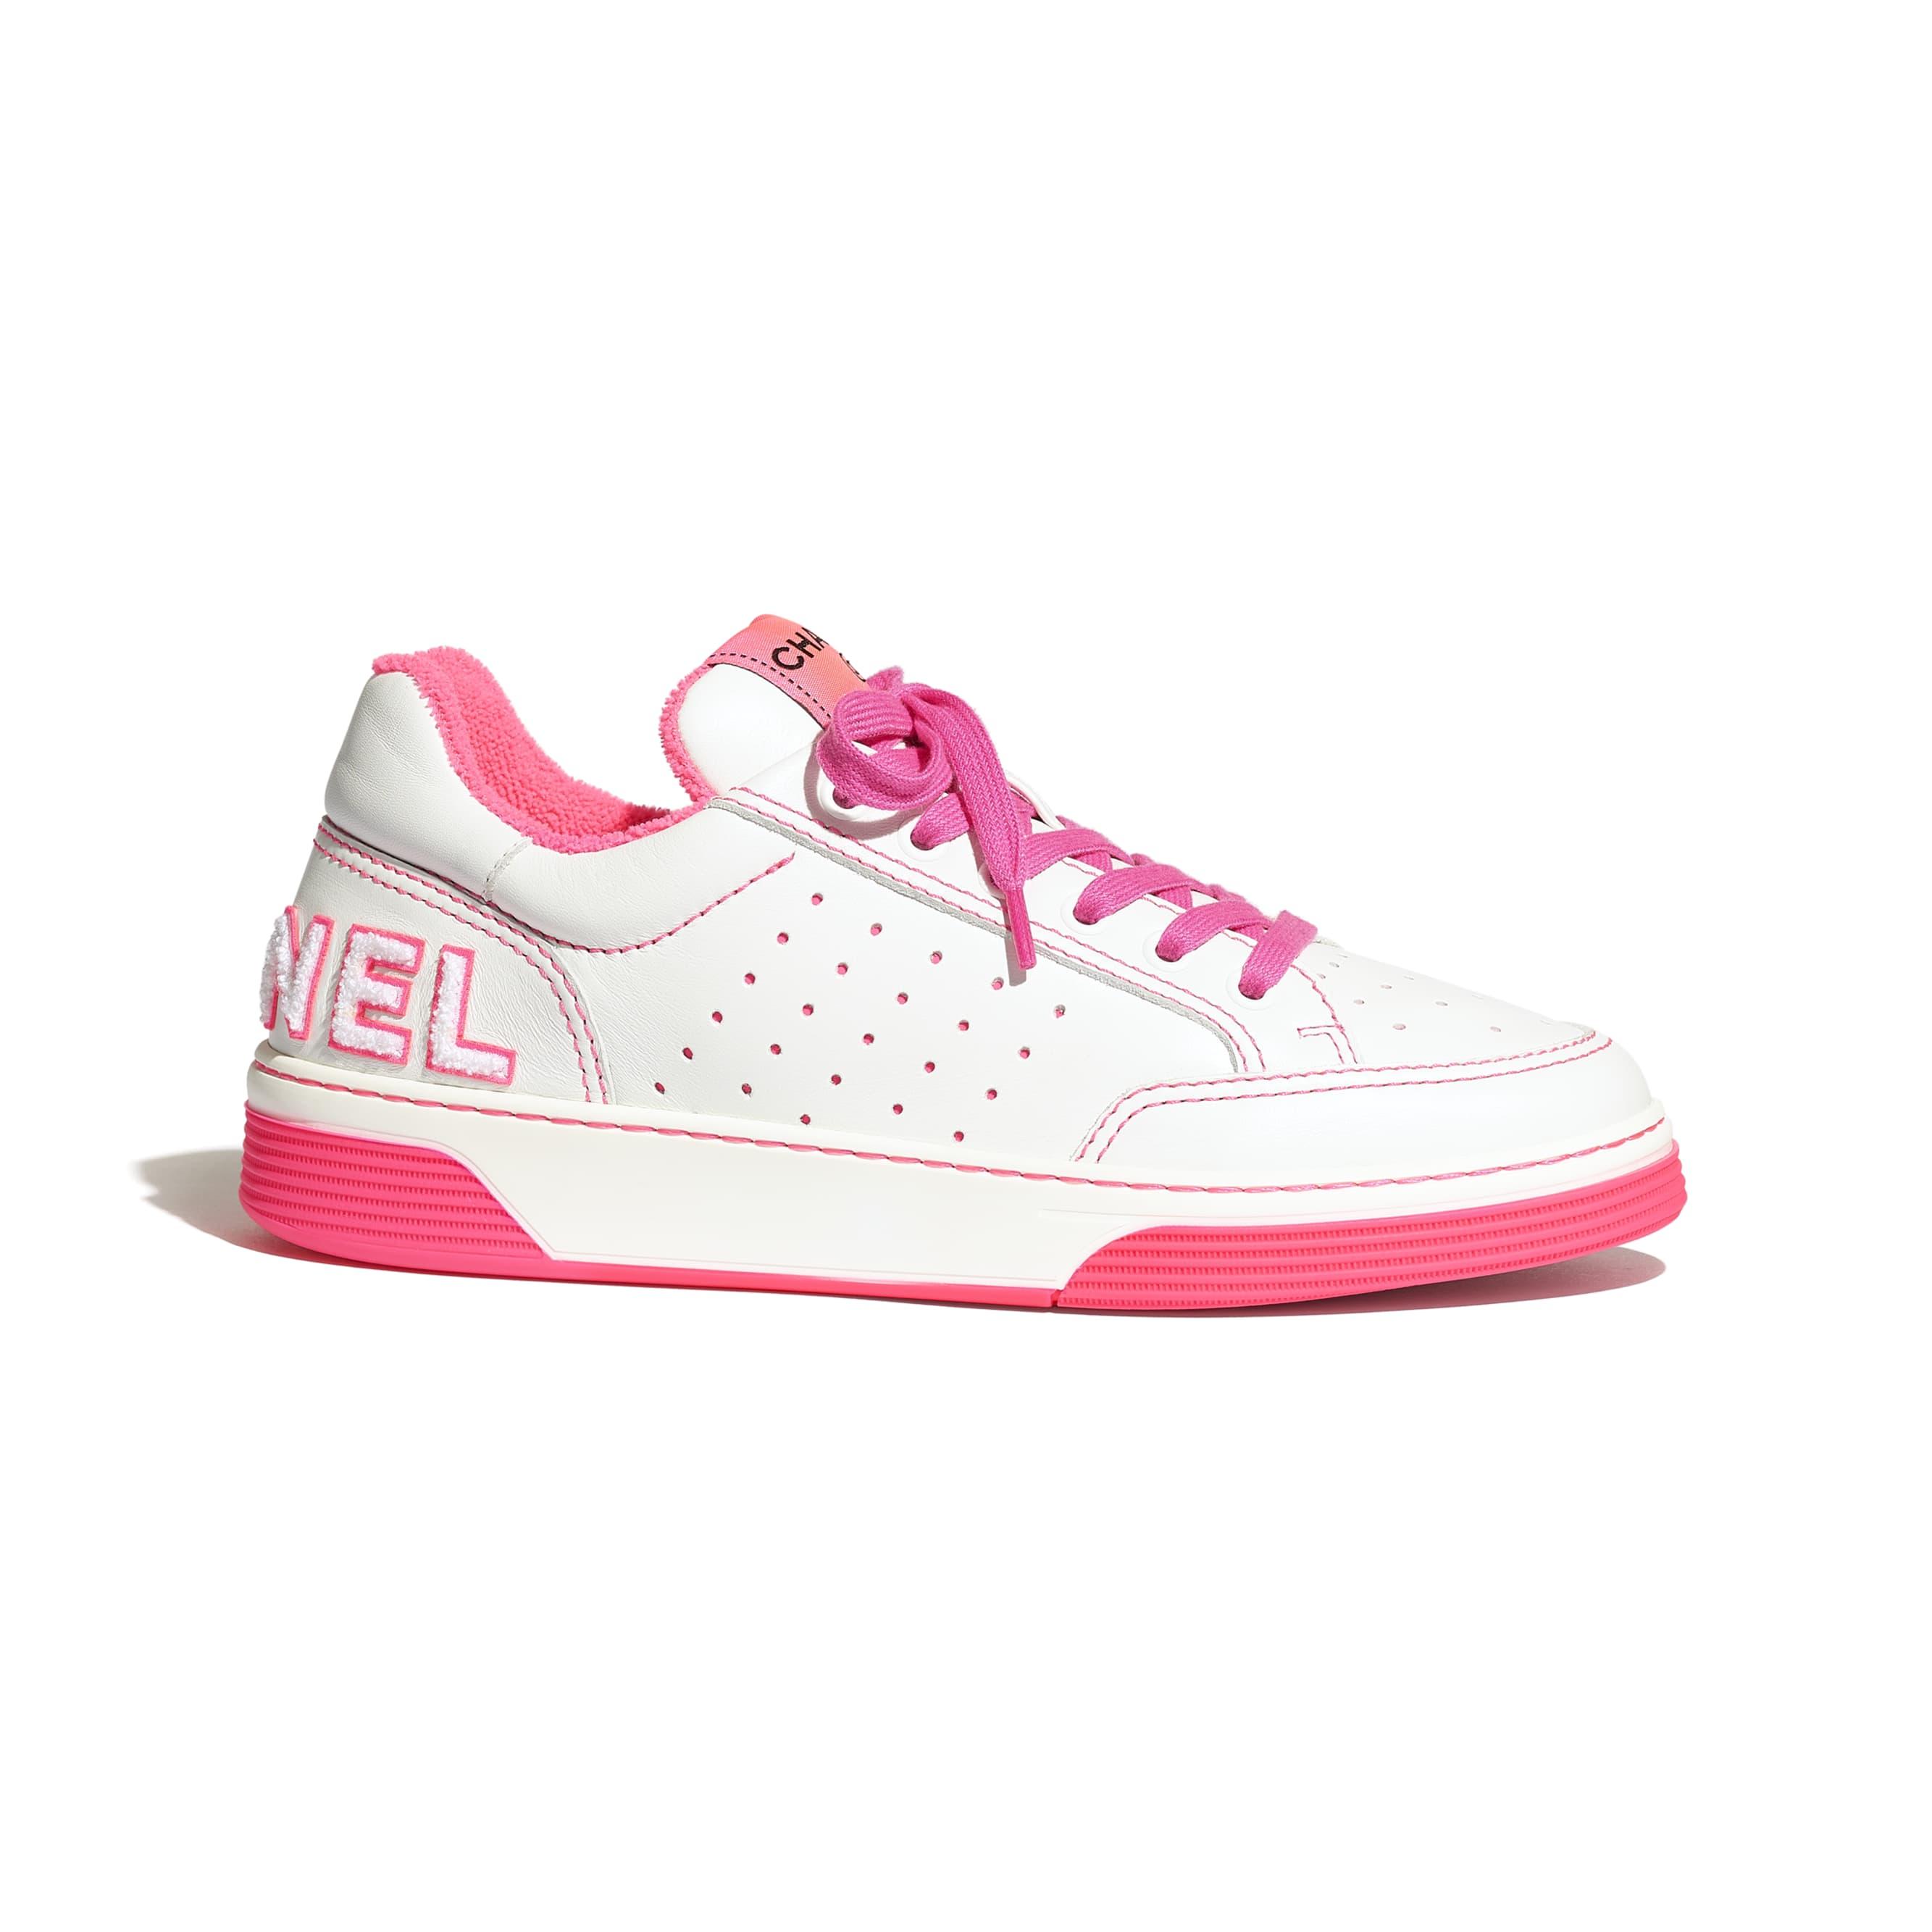 Buty sportowe - Kolor biały i fuksja - Skóra cielęca - Widok domyślny – zobacz w standardowym rozmiarze